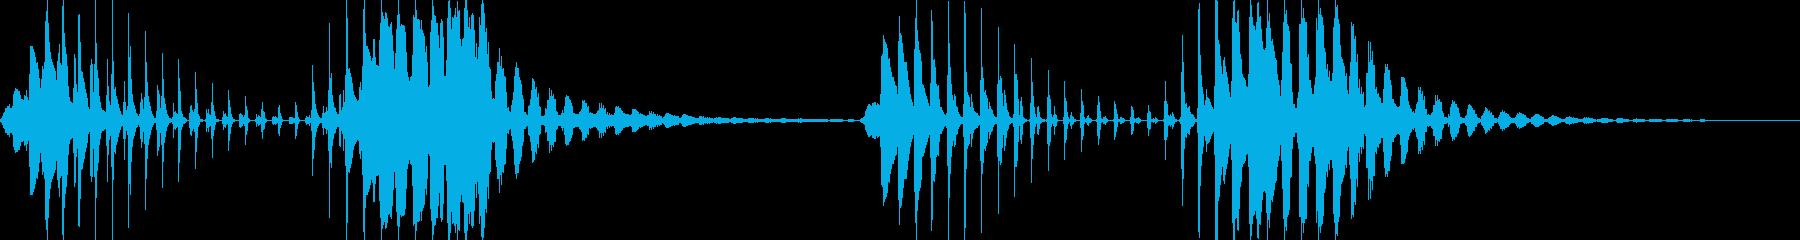 プニョプニョの再生済みの波形